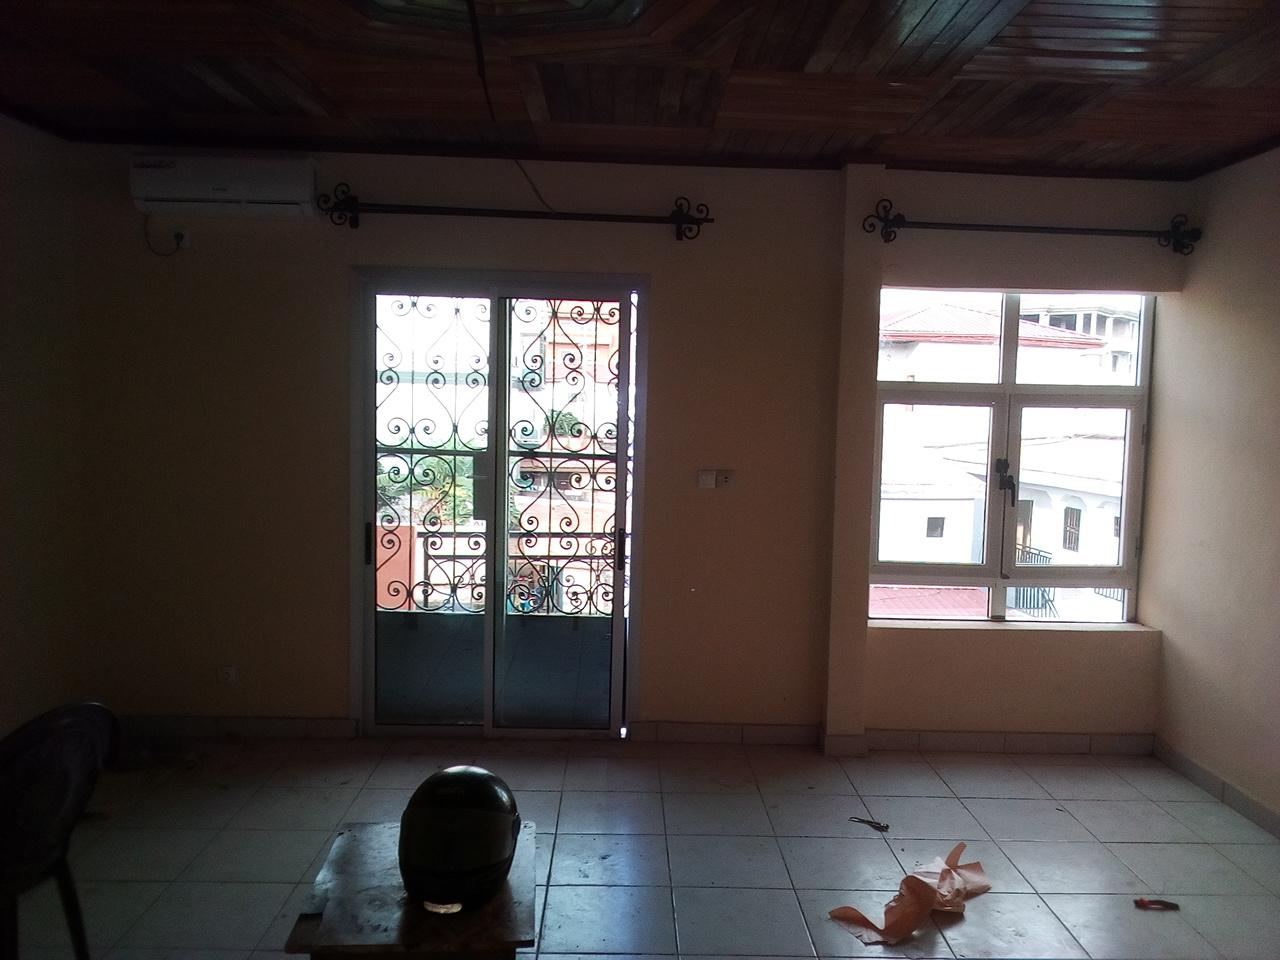 Appartement à louer - Yaoundé, Mfandena, mpas loin davenue foe - 1 salon(s), 2 chambre(s), 2 salle(s) de bains - 225 000 FCFA / mois